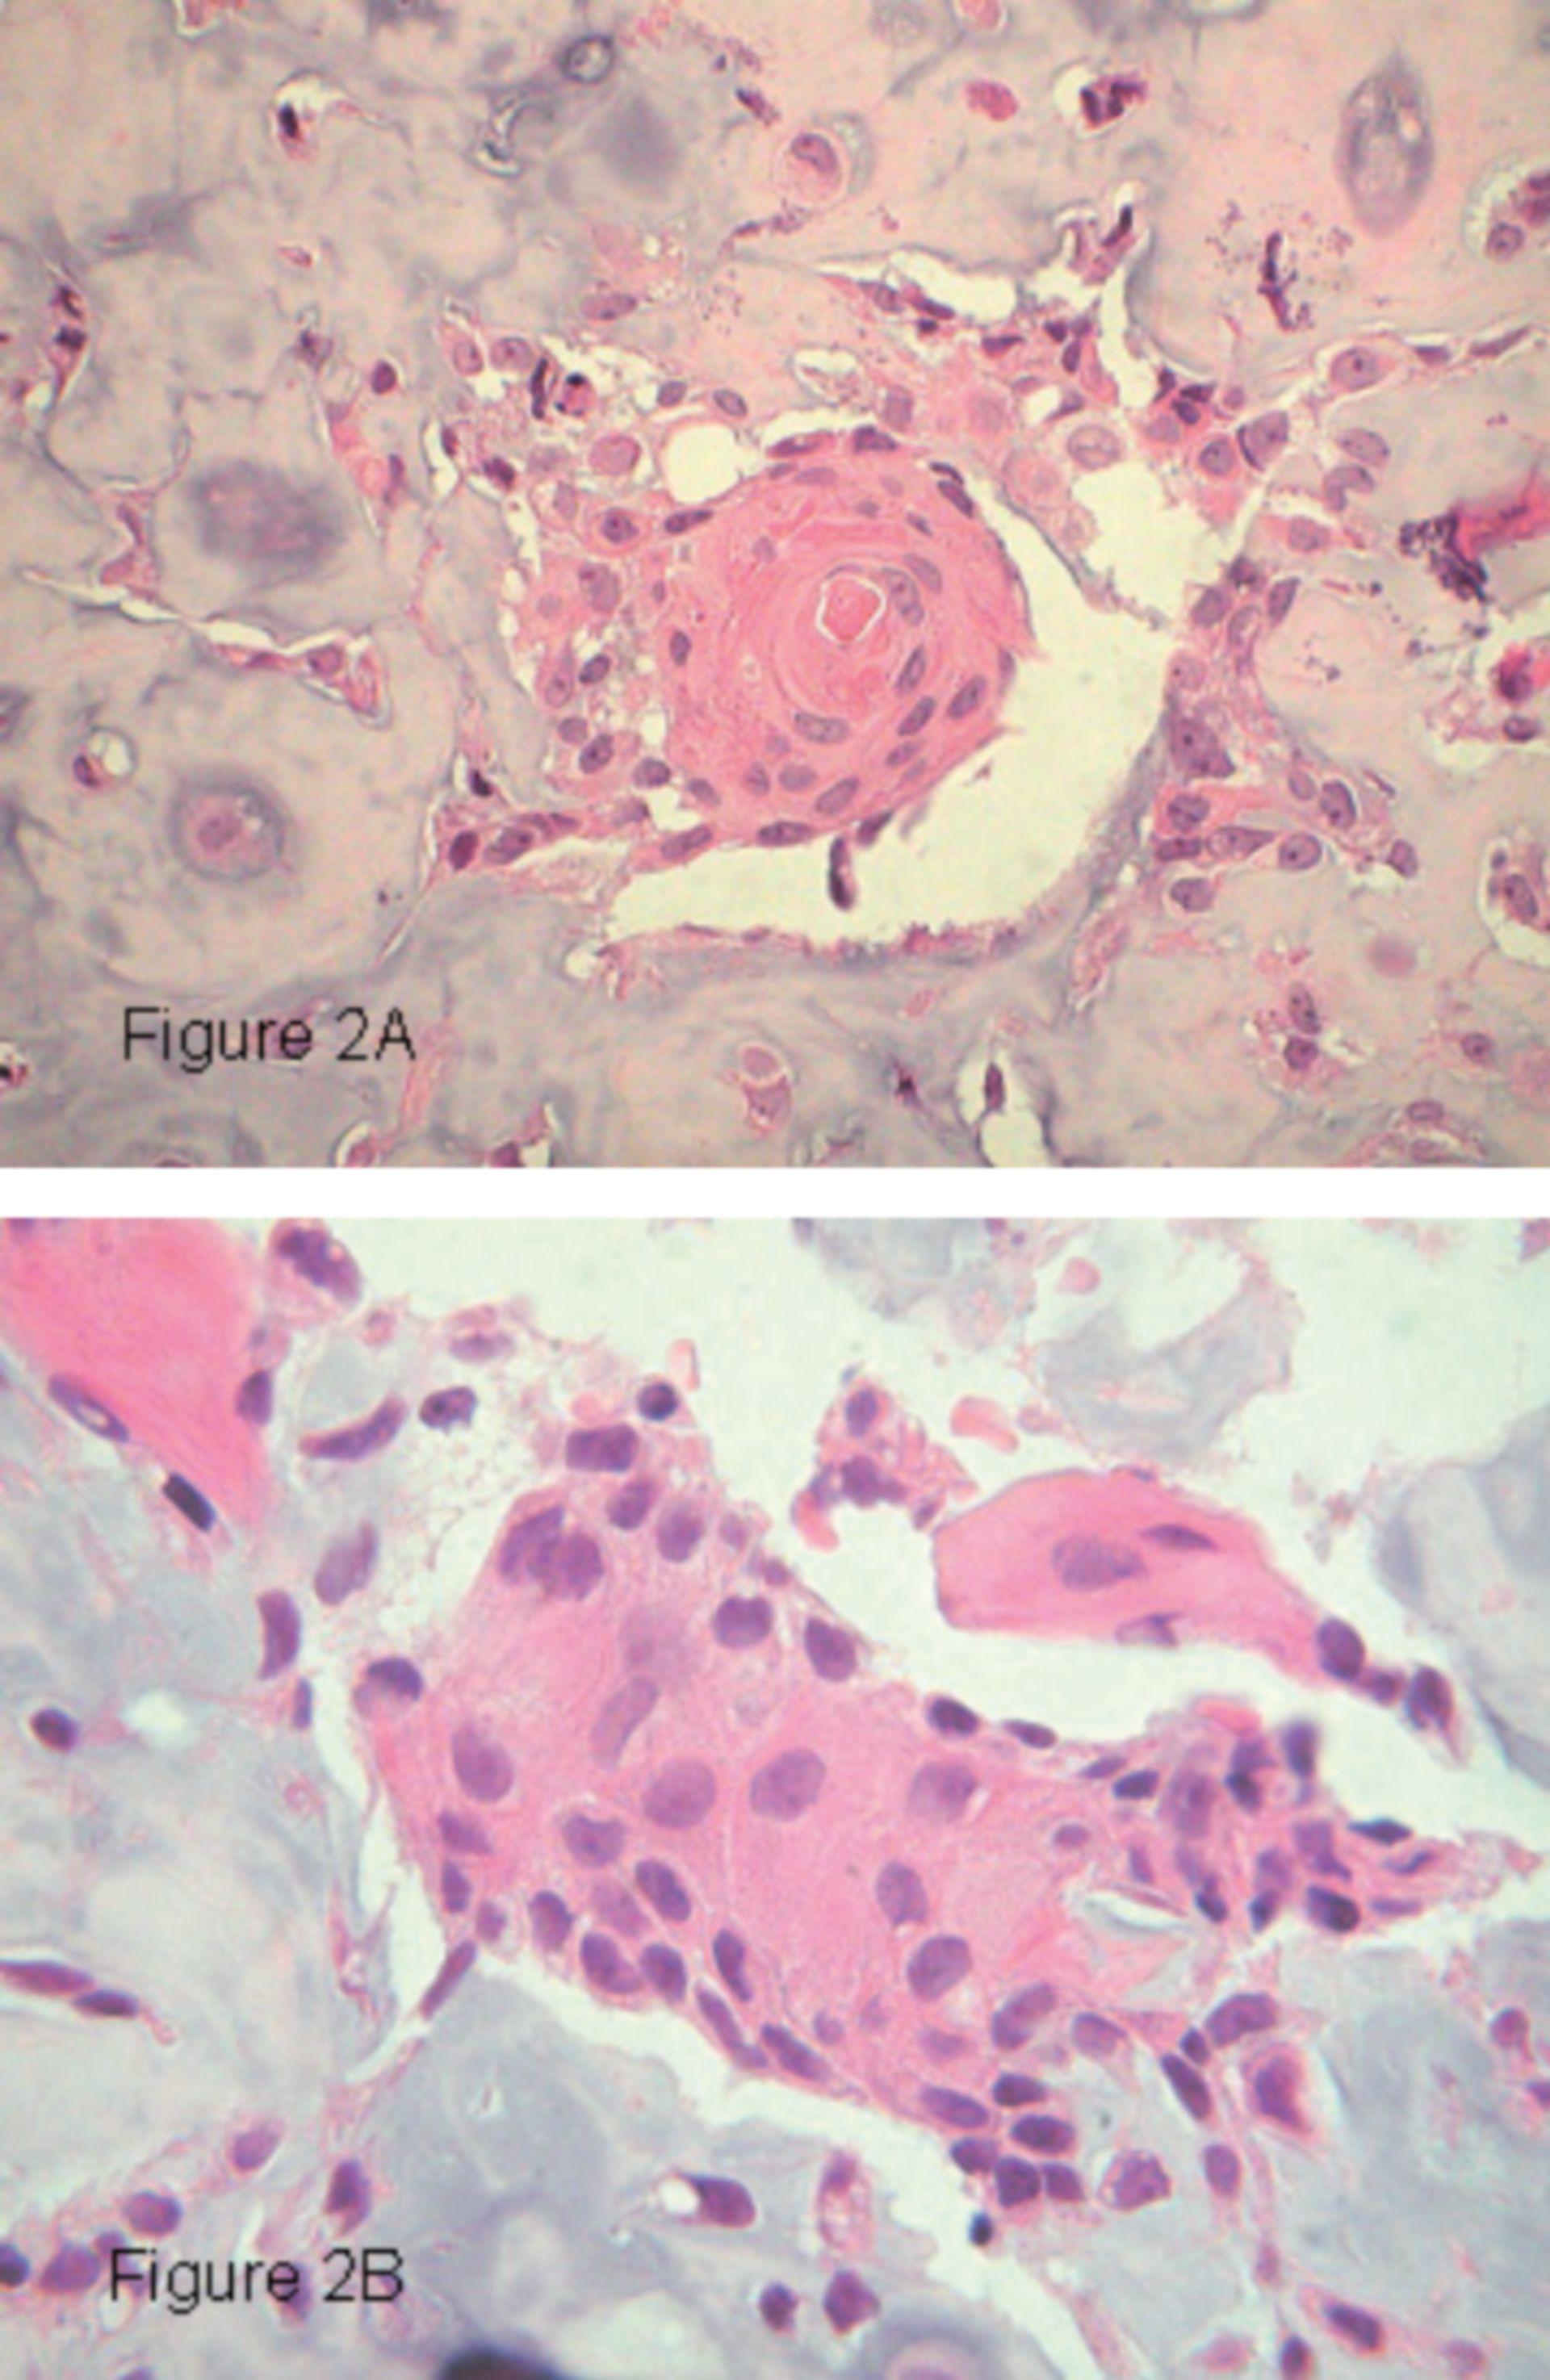 Differenzierung des Plattenepithels und Zytokeratin-Vorkommens in einem Osteosarkom